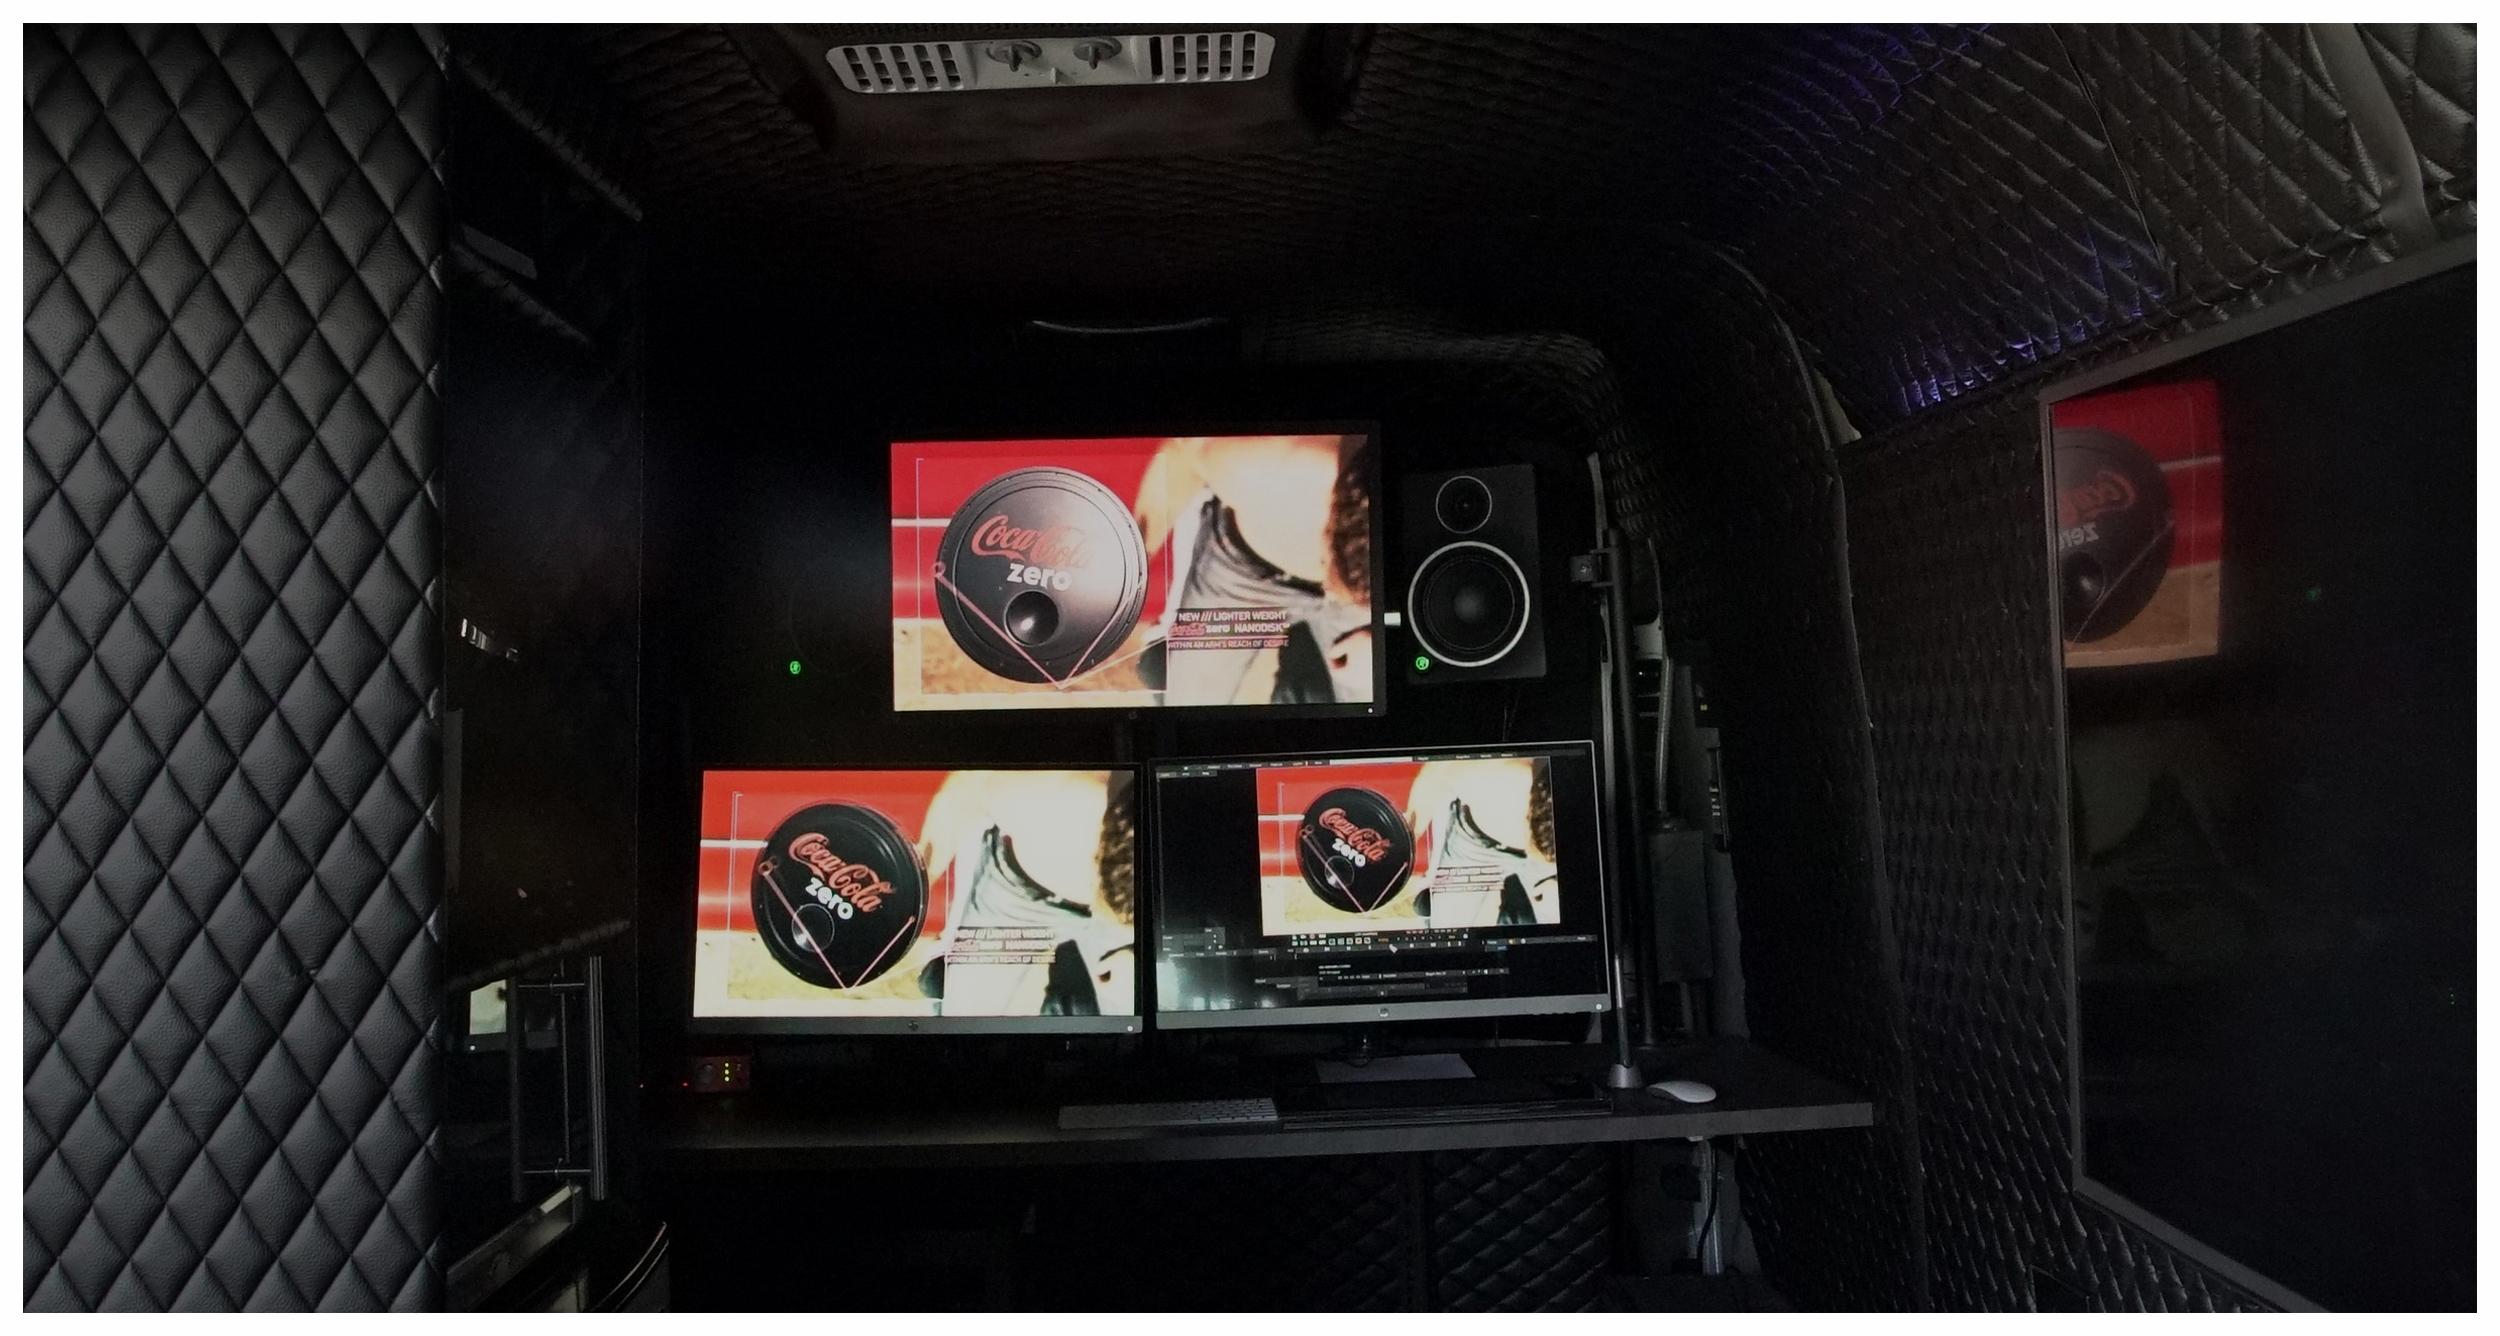 monitors_wide_coke1a.jpg